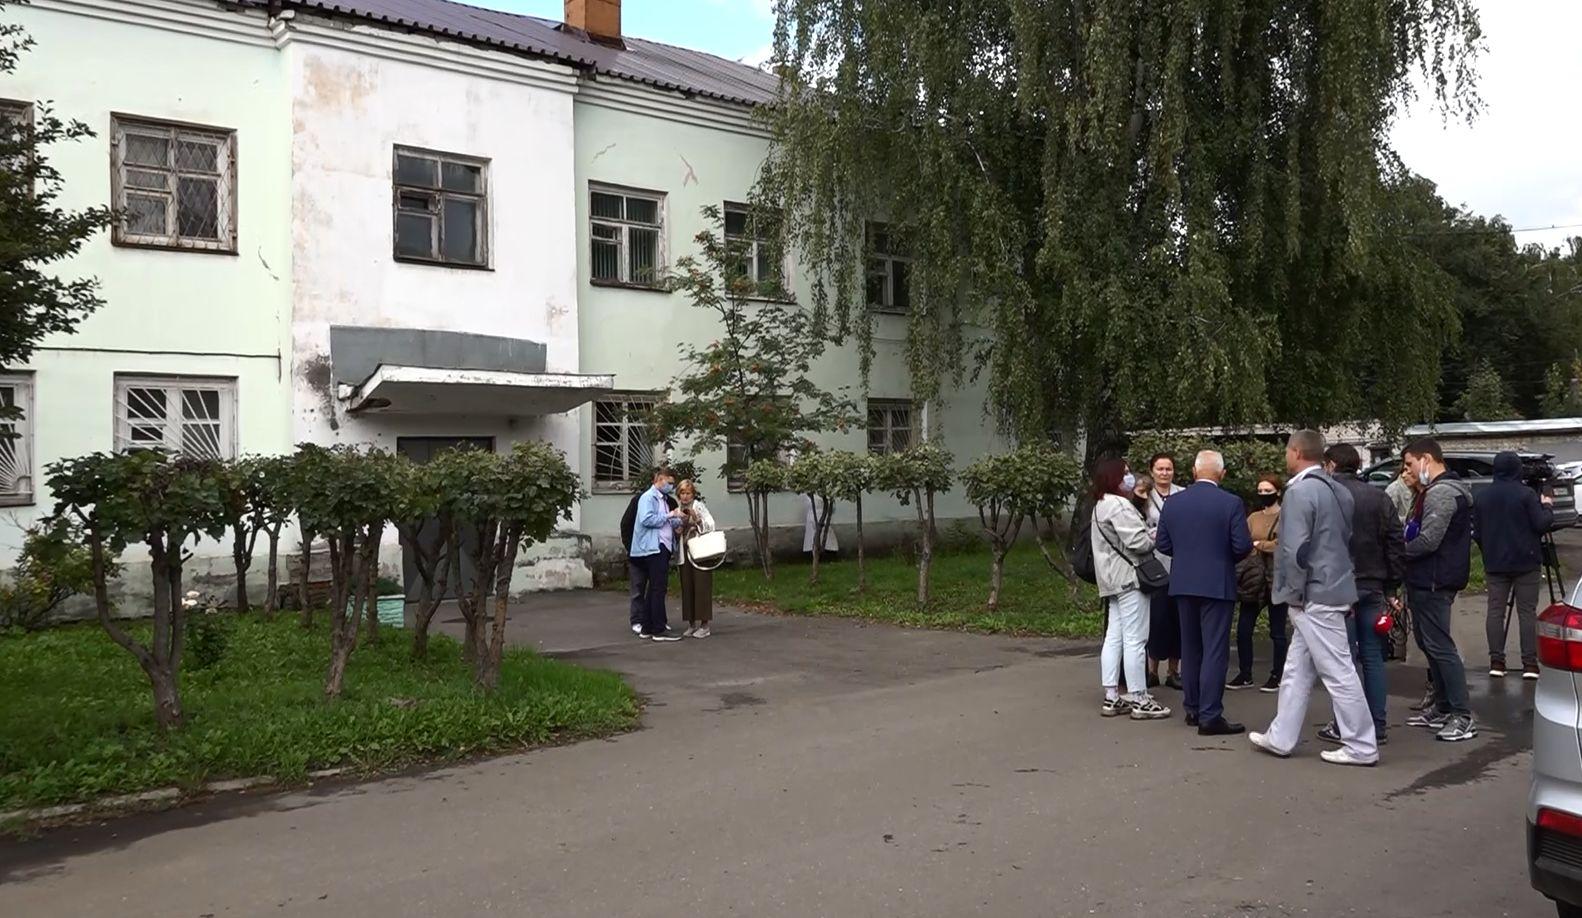 Ленинский суд Ярославля удовлетворил иск областной психиатрической больницы о принудительной госпитализации пациентки